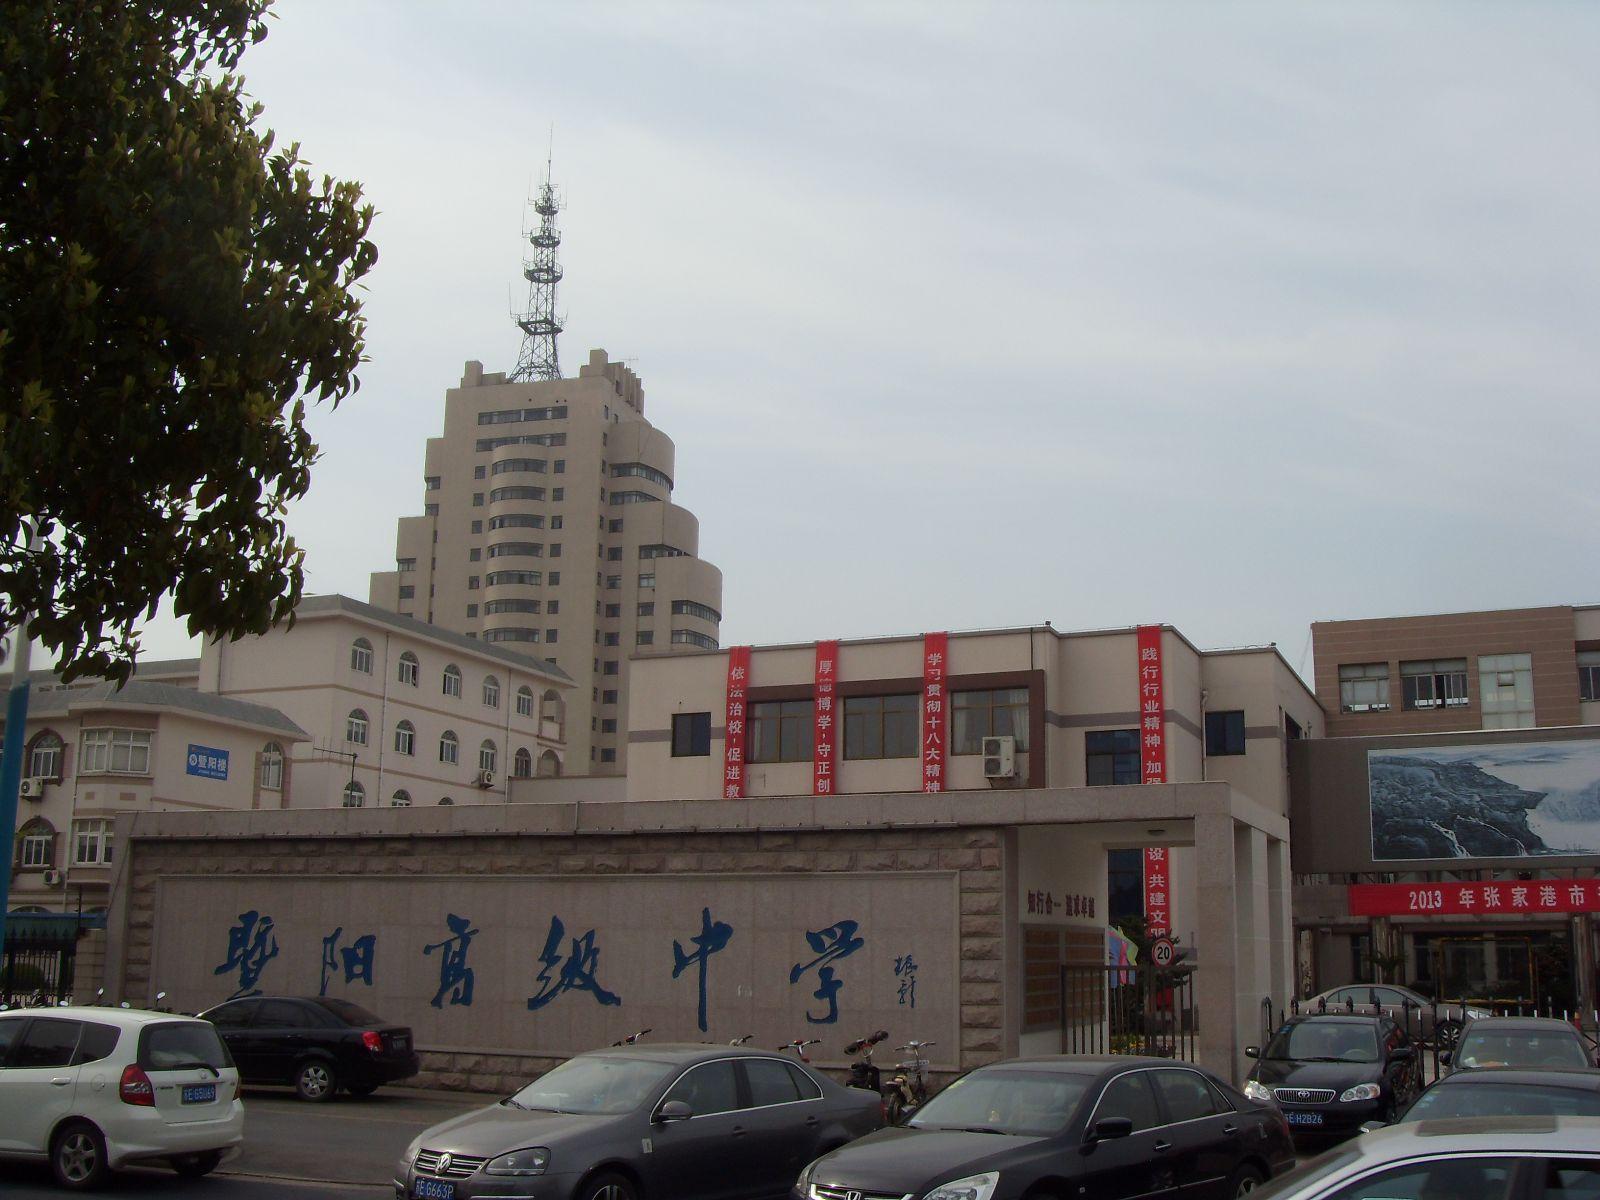 讲座地点 江苏省张家港暨阳高级中学